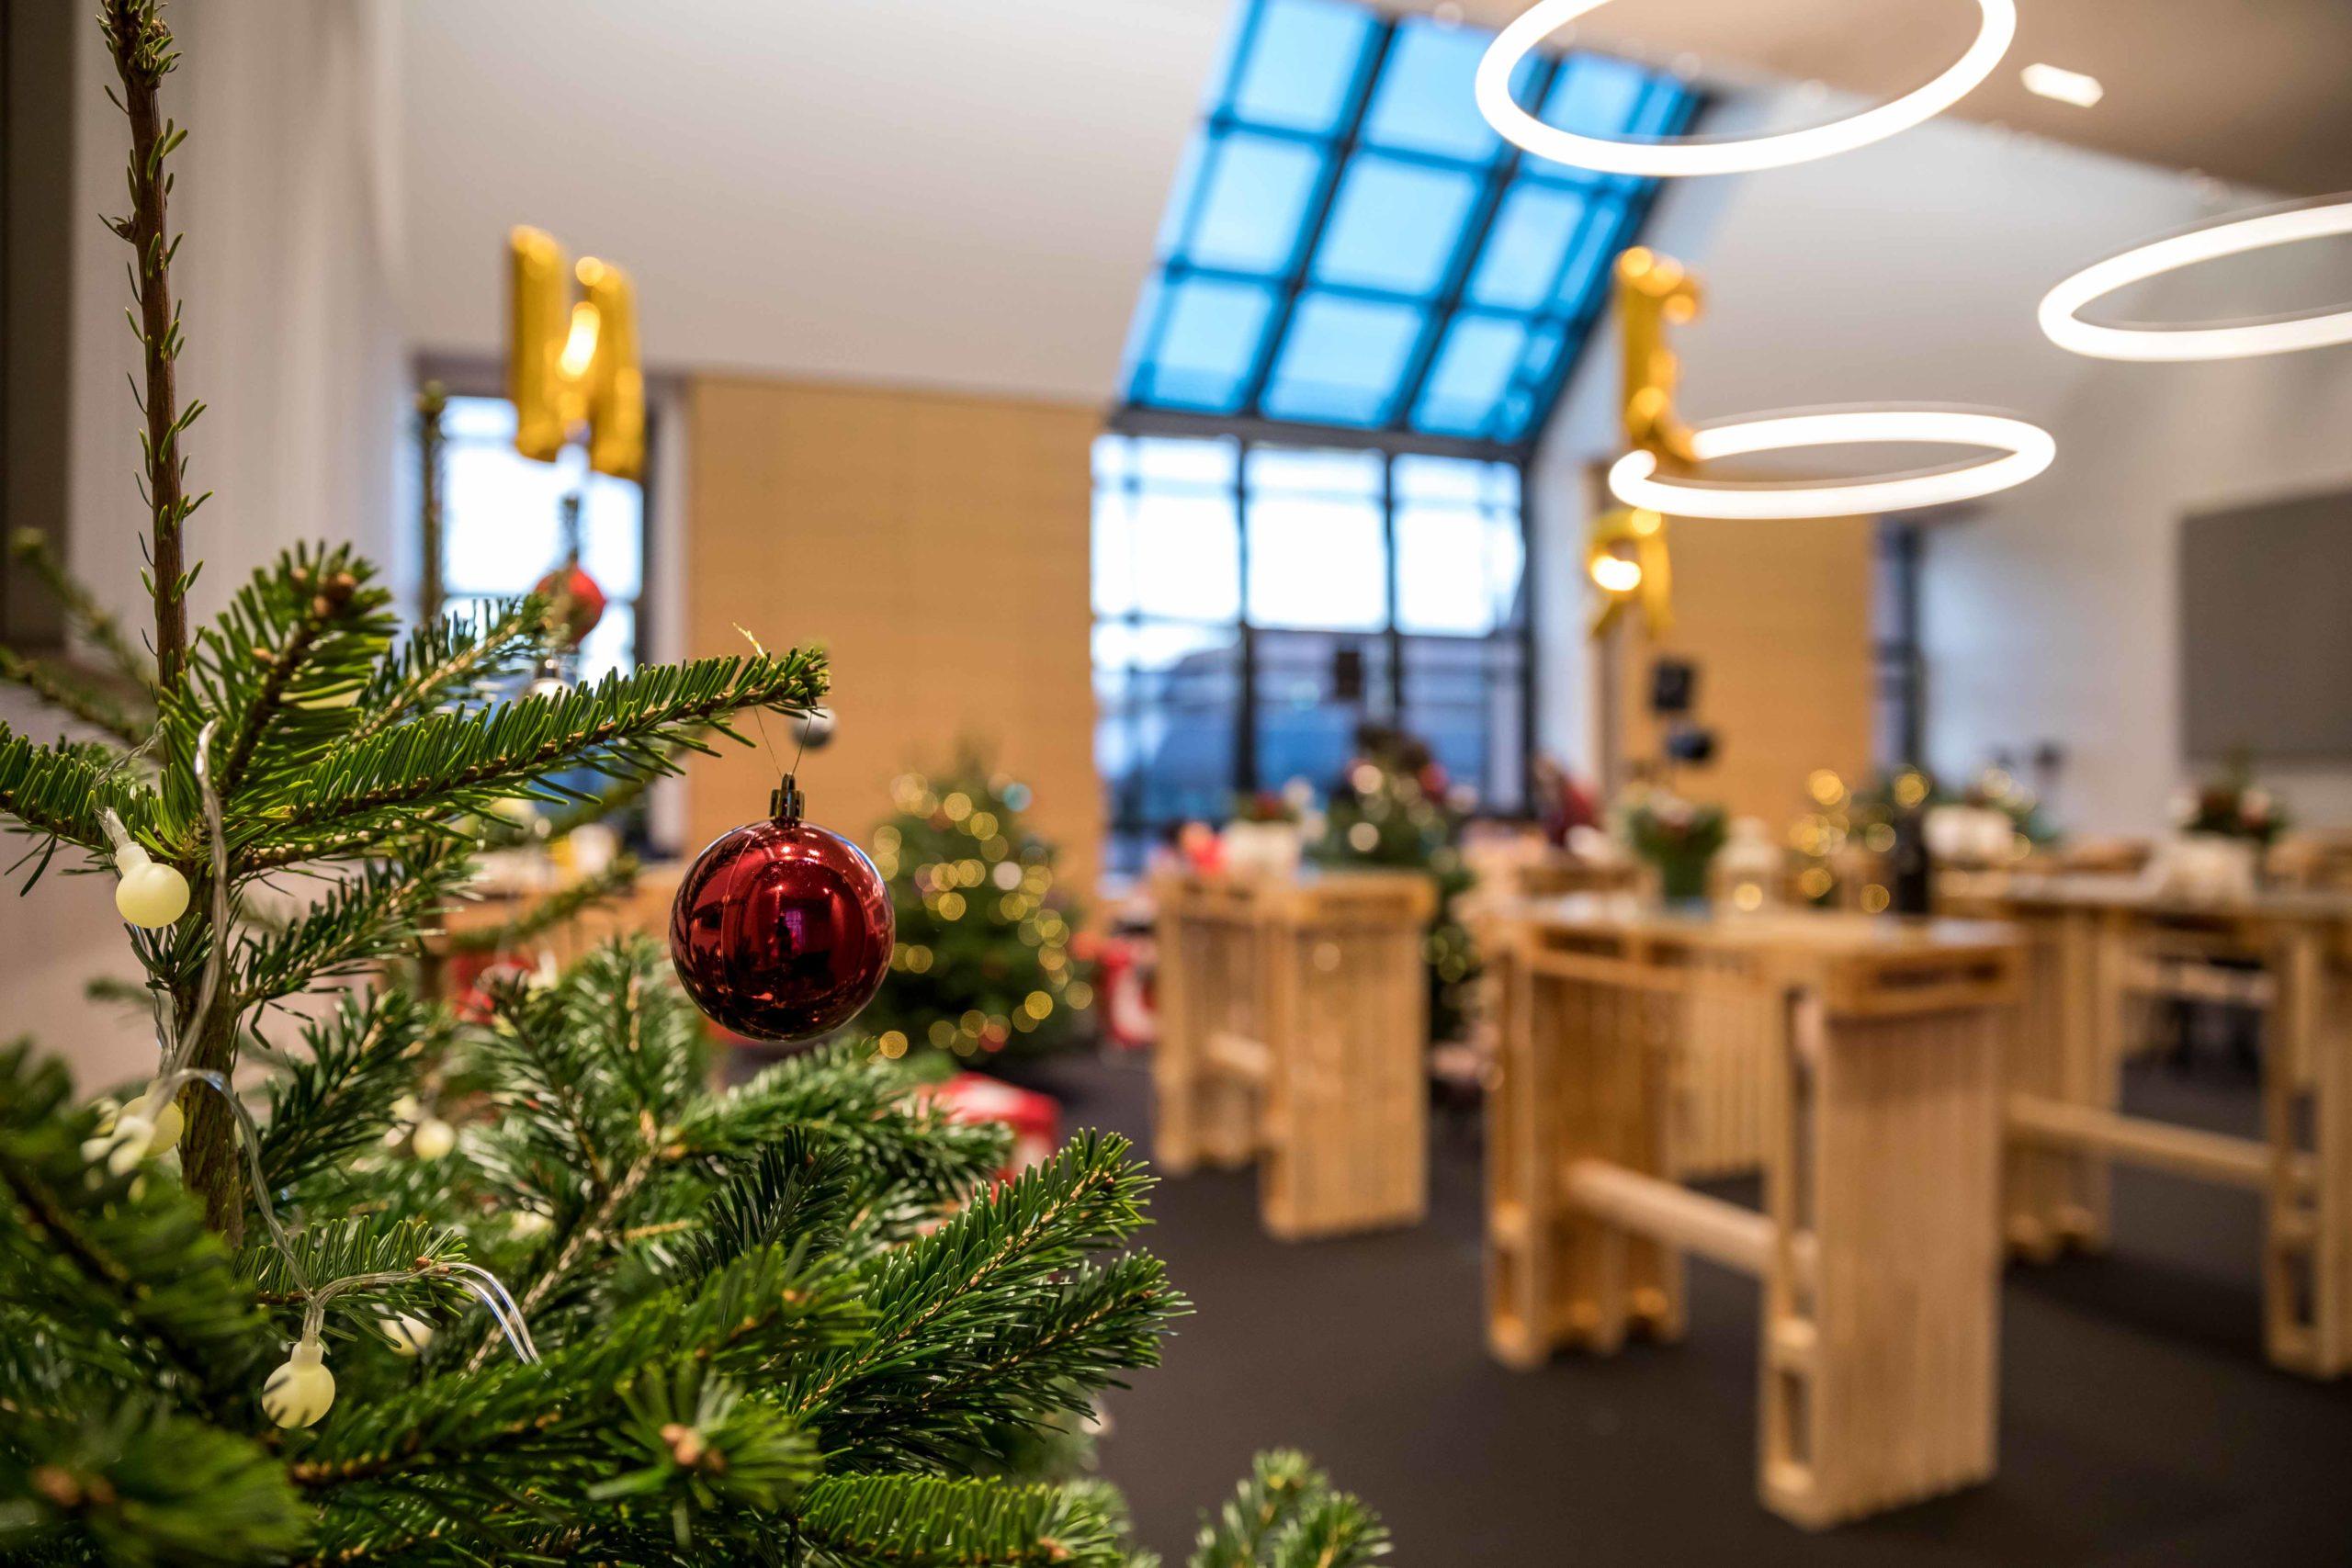 GEMA Weihnachtsfeier 2019-12Eventfotografie Events München Anja Richter Fotografie